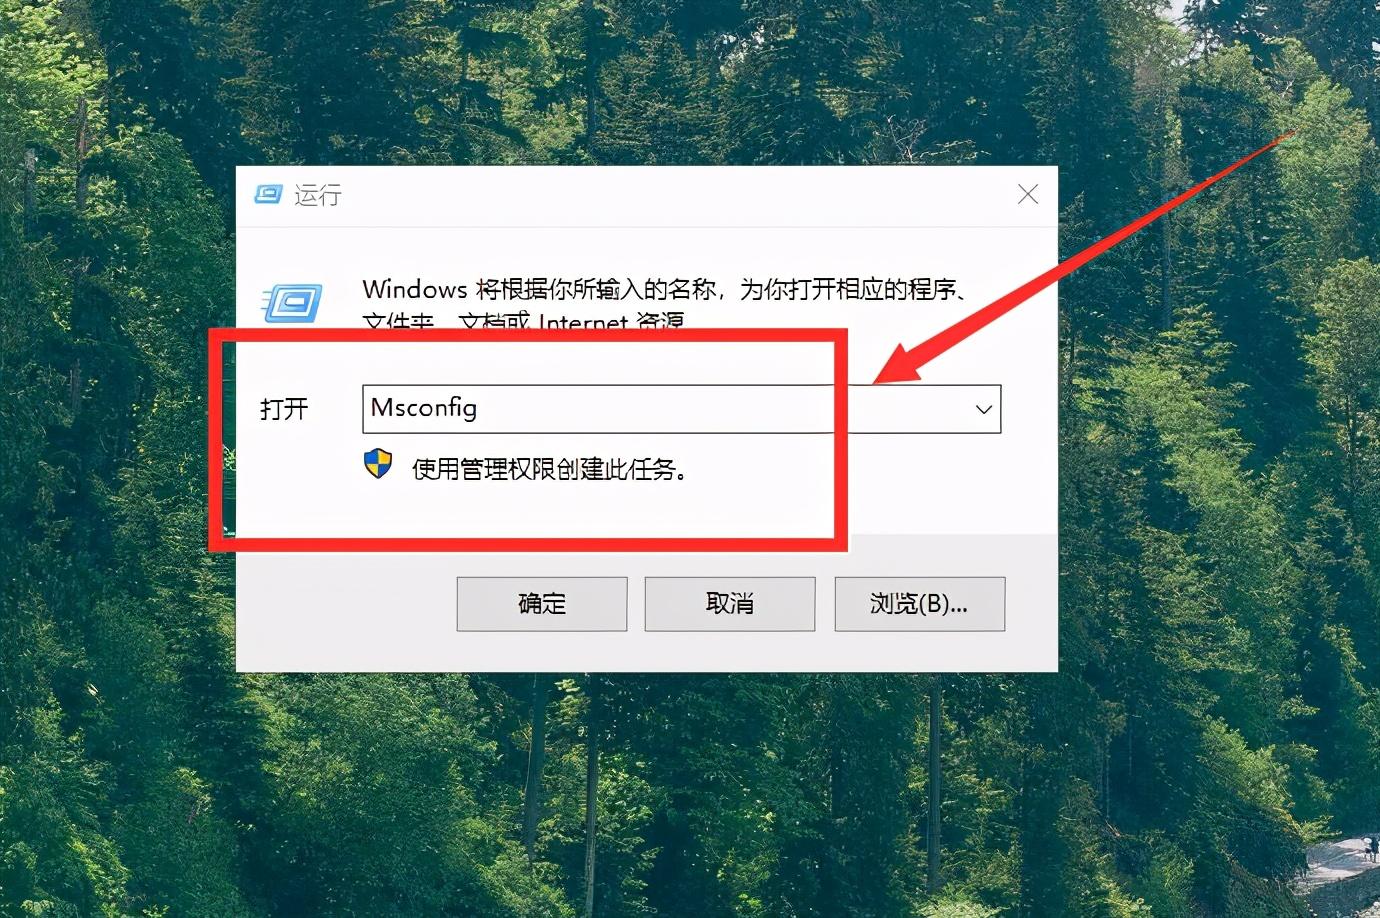 电脑广告弹窗太多怎么彻底关闭(一键屏蔽广告弹窗方法)